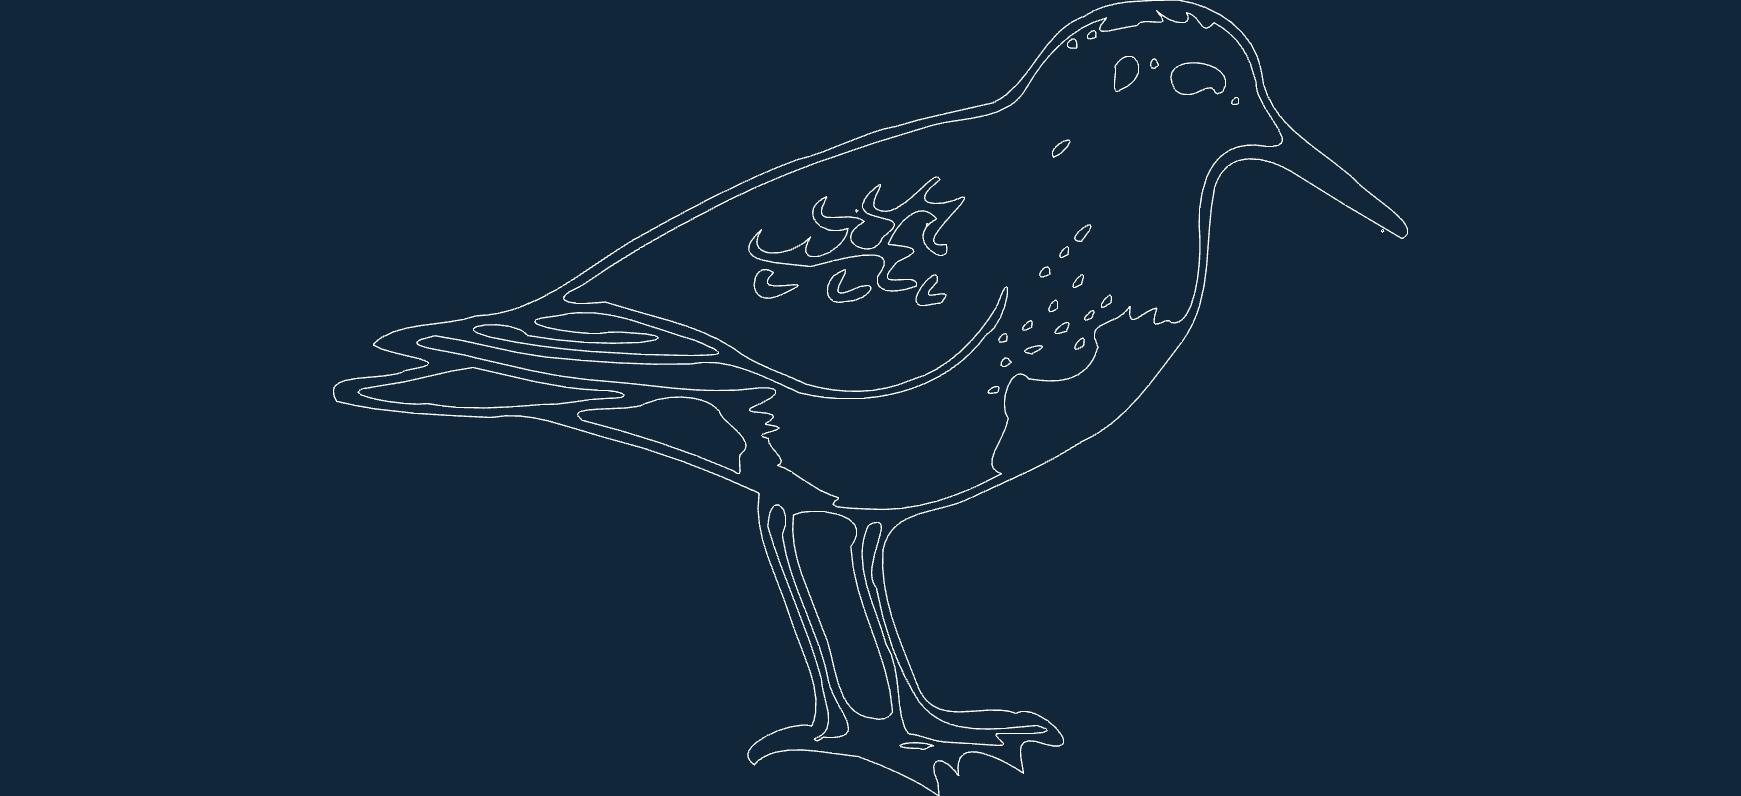 Bird Sitting Free DXF File